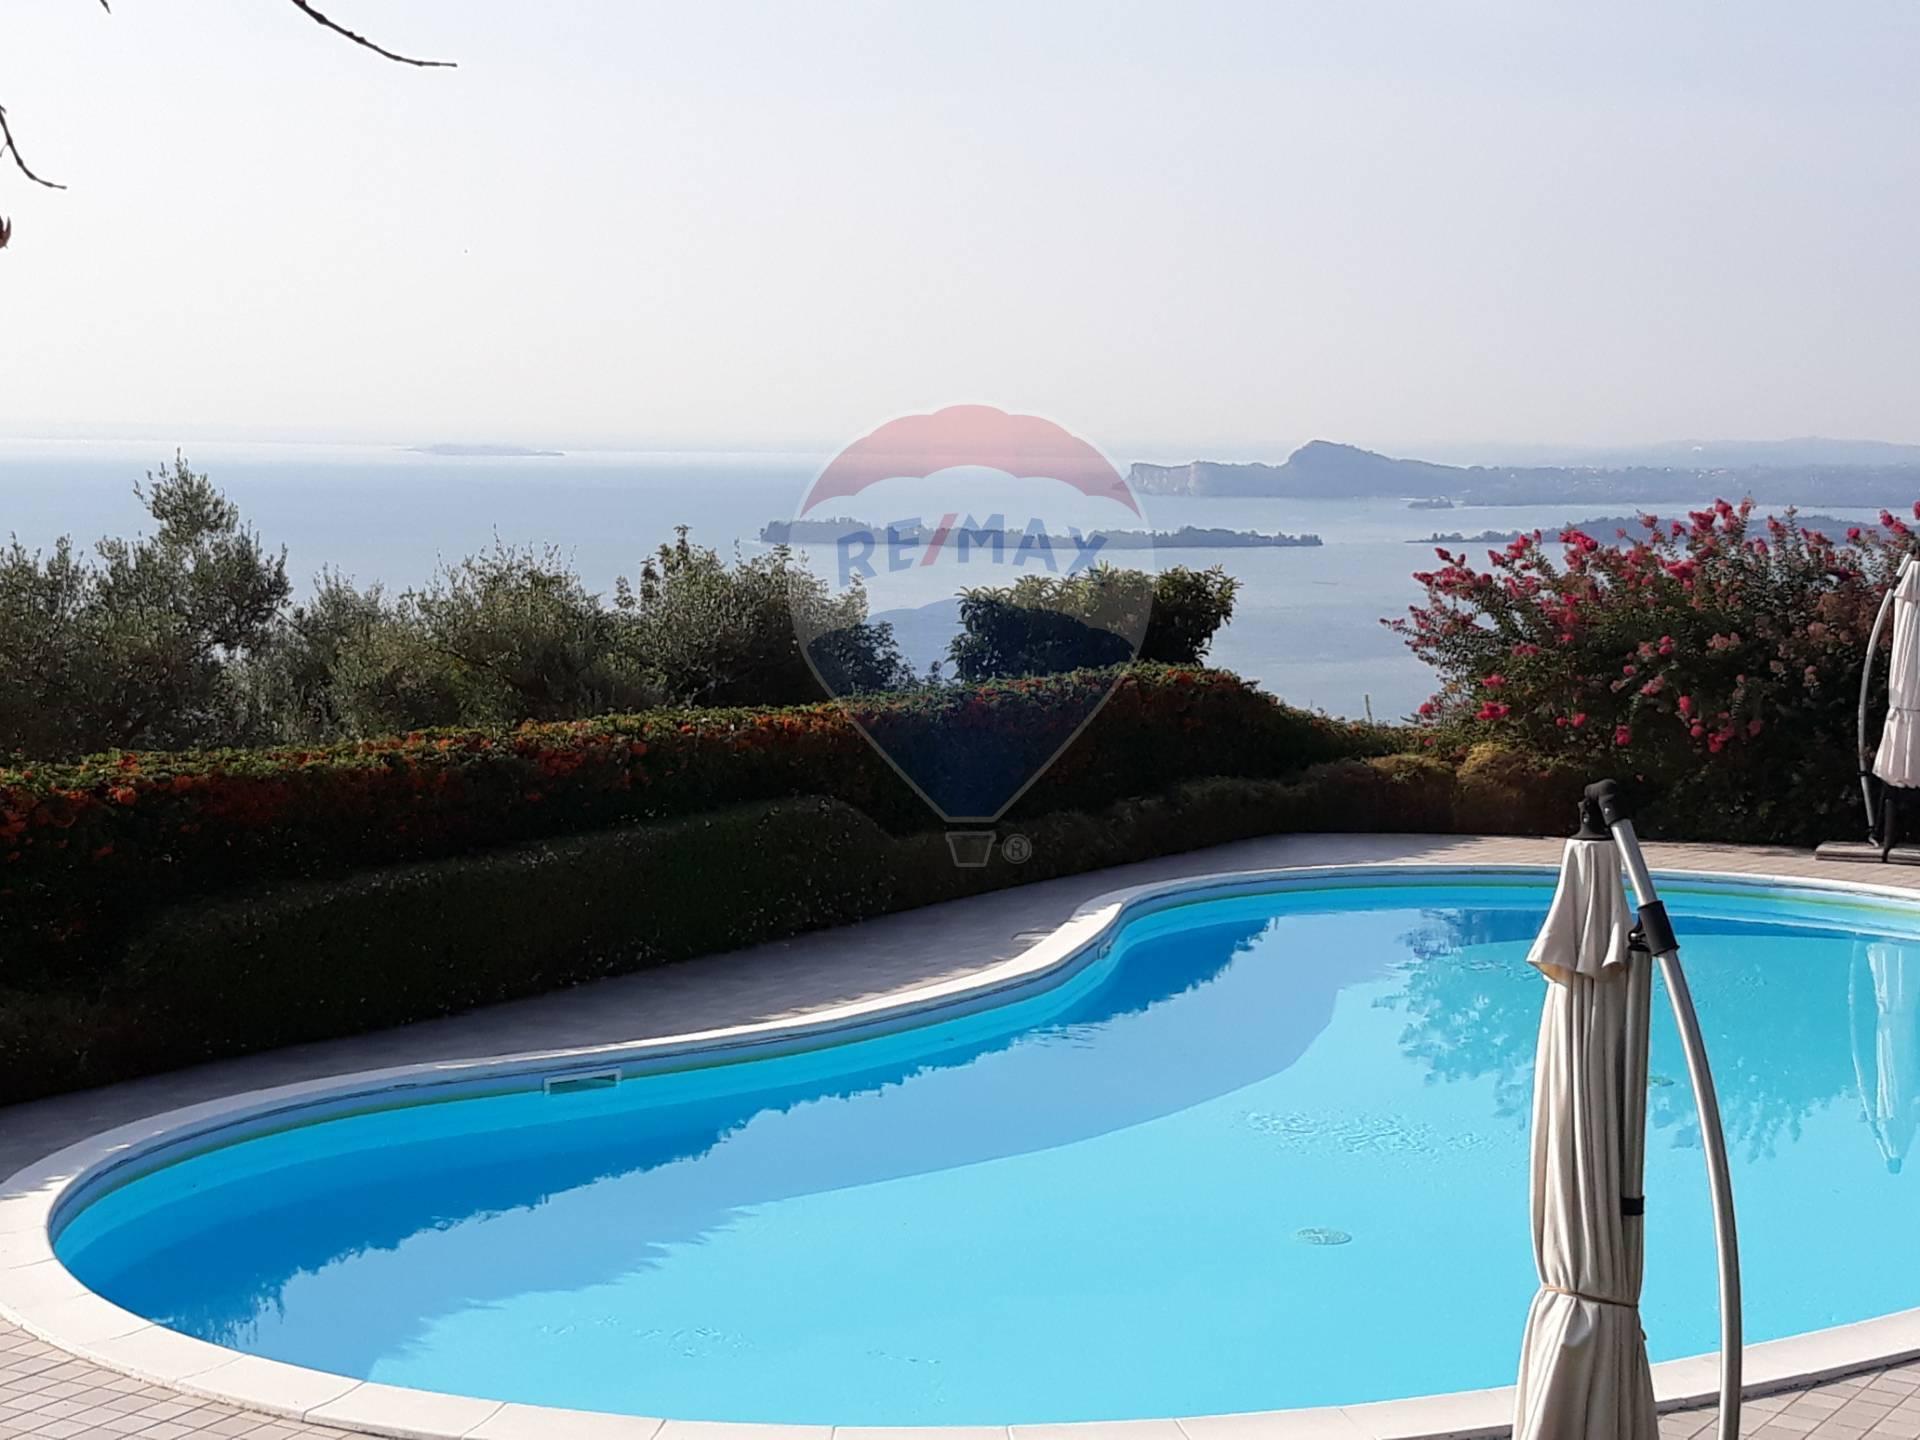 Appartamento in vendita a Toscolano-Maderno, 3 locali, zona Località: MonteMaderno, prezzo € 378.000 | CambioCasa.it